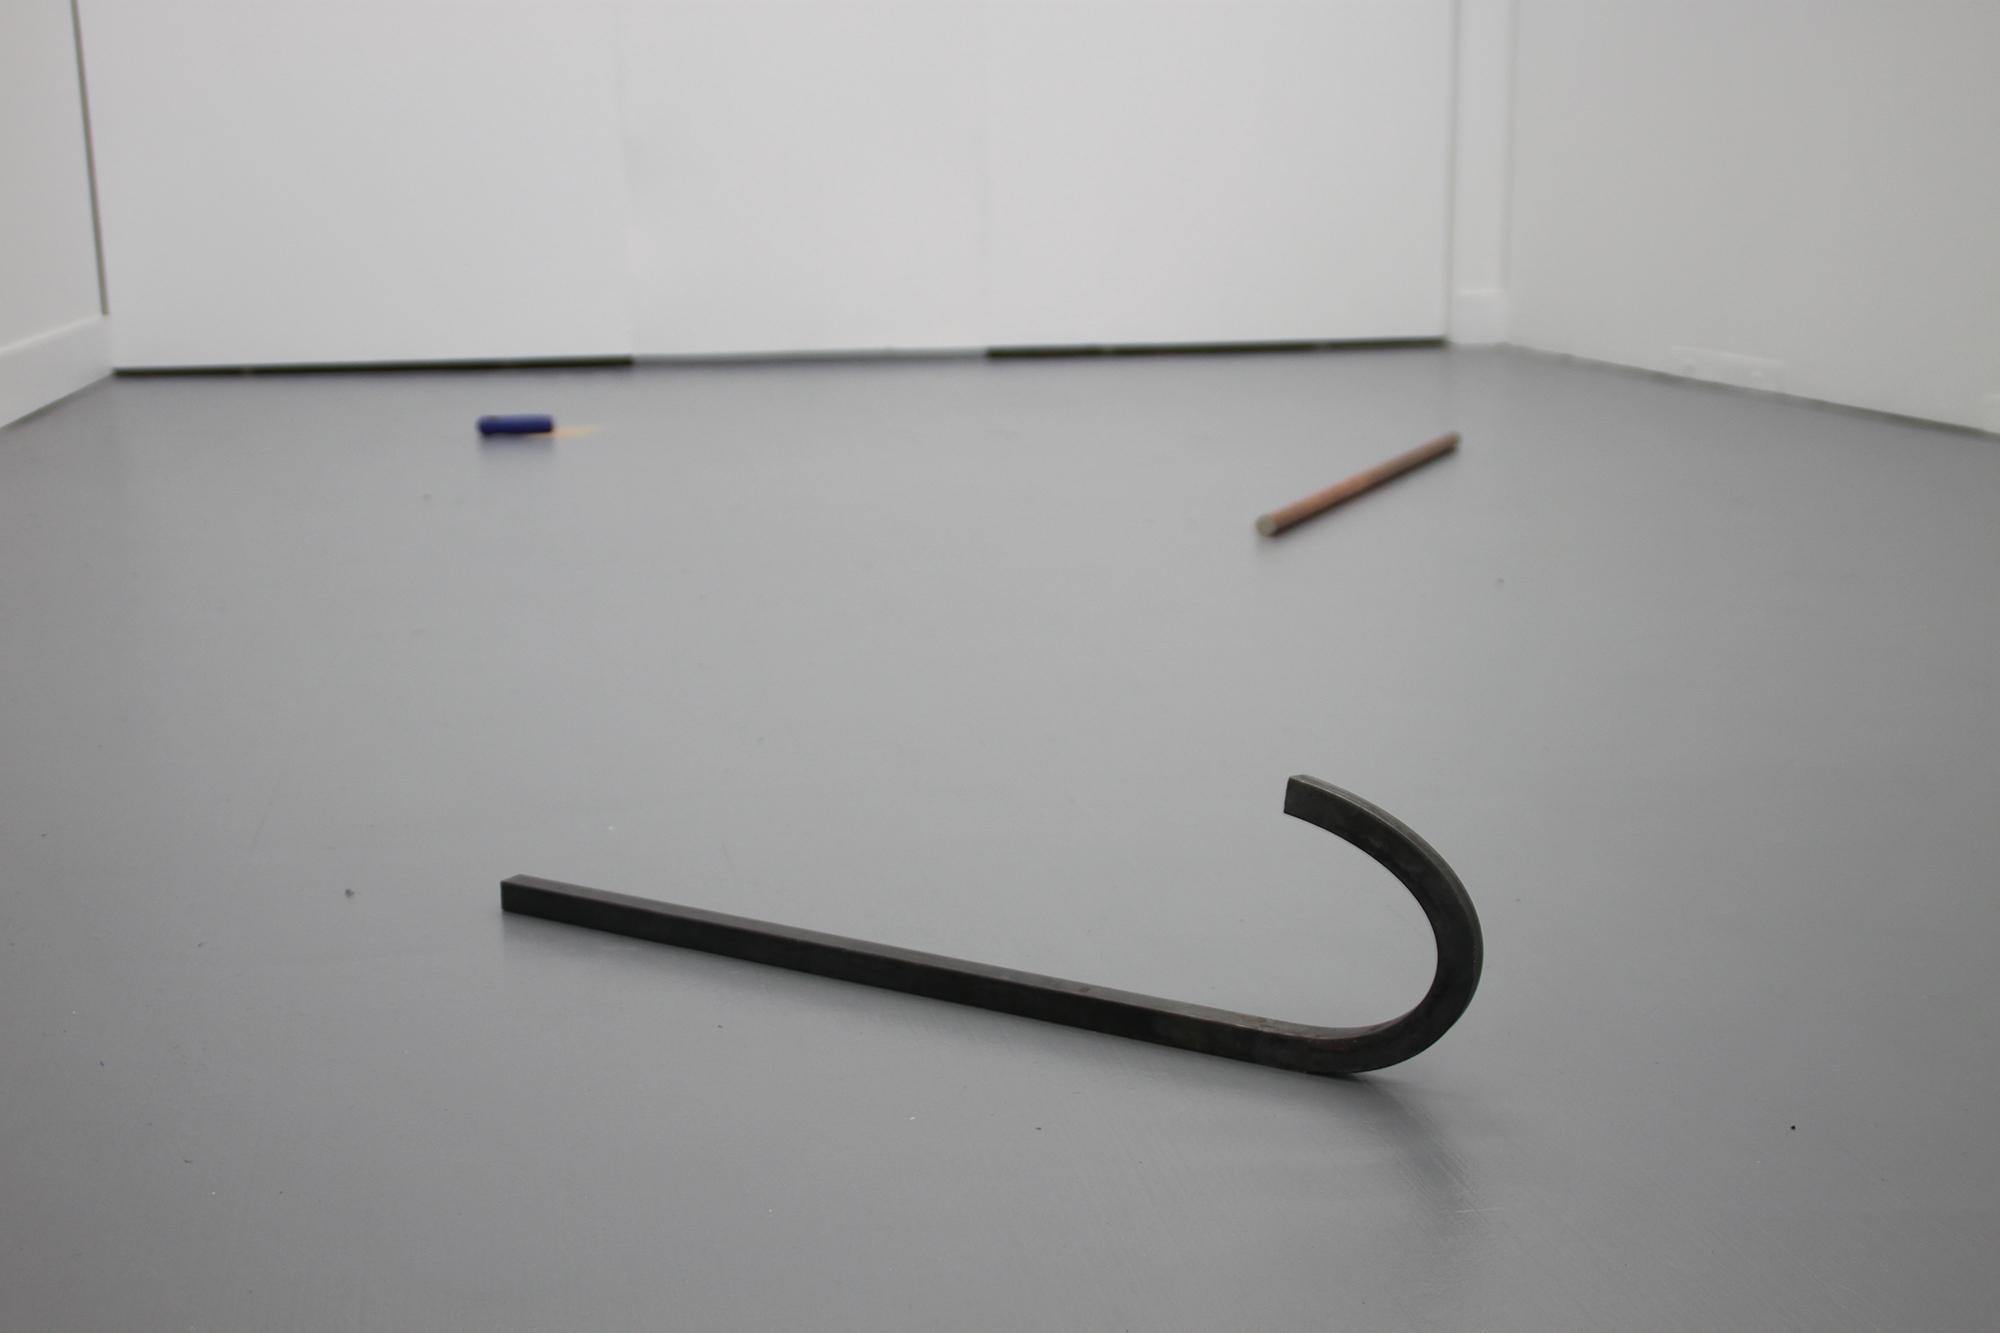 이다슬, Untitled, 2015, solid metal, 1000mm